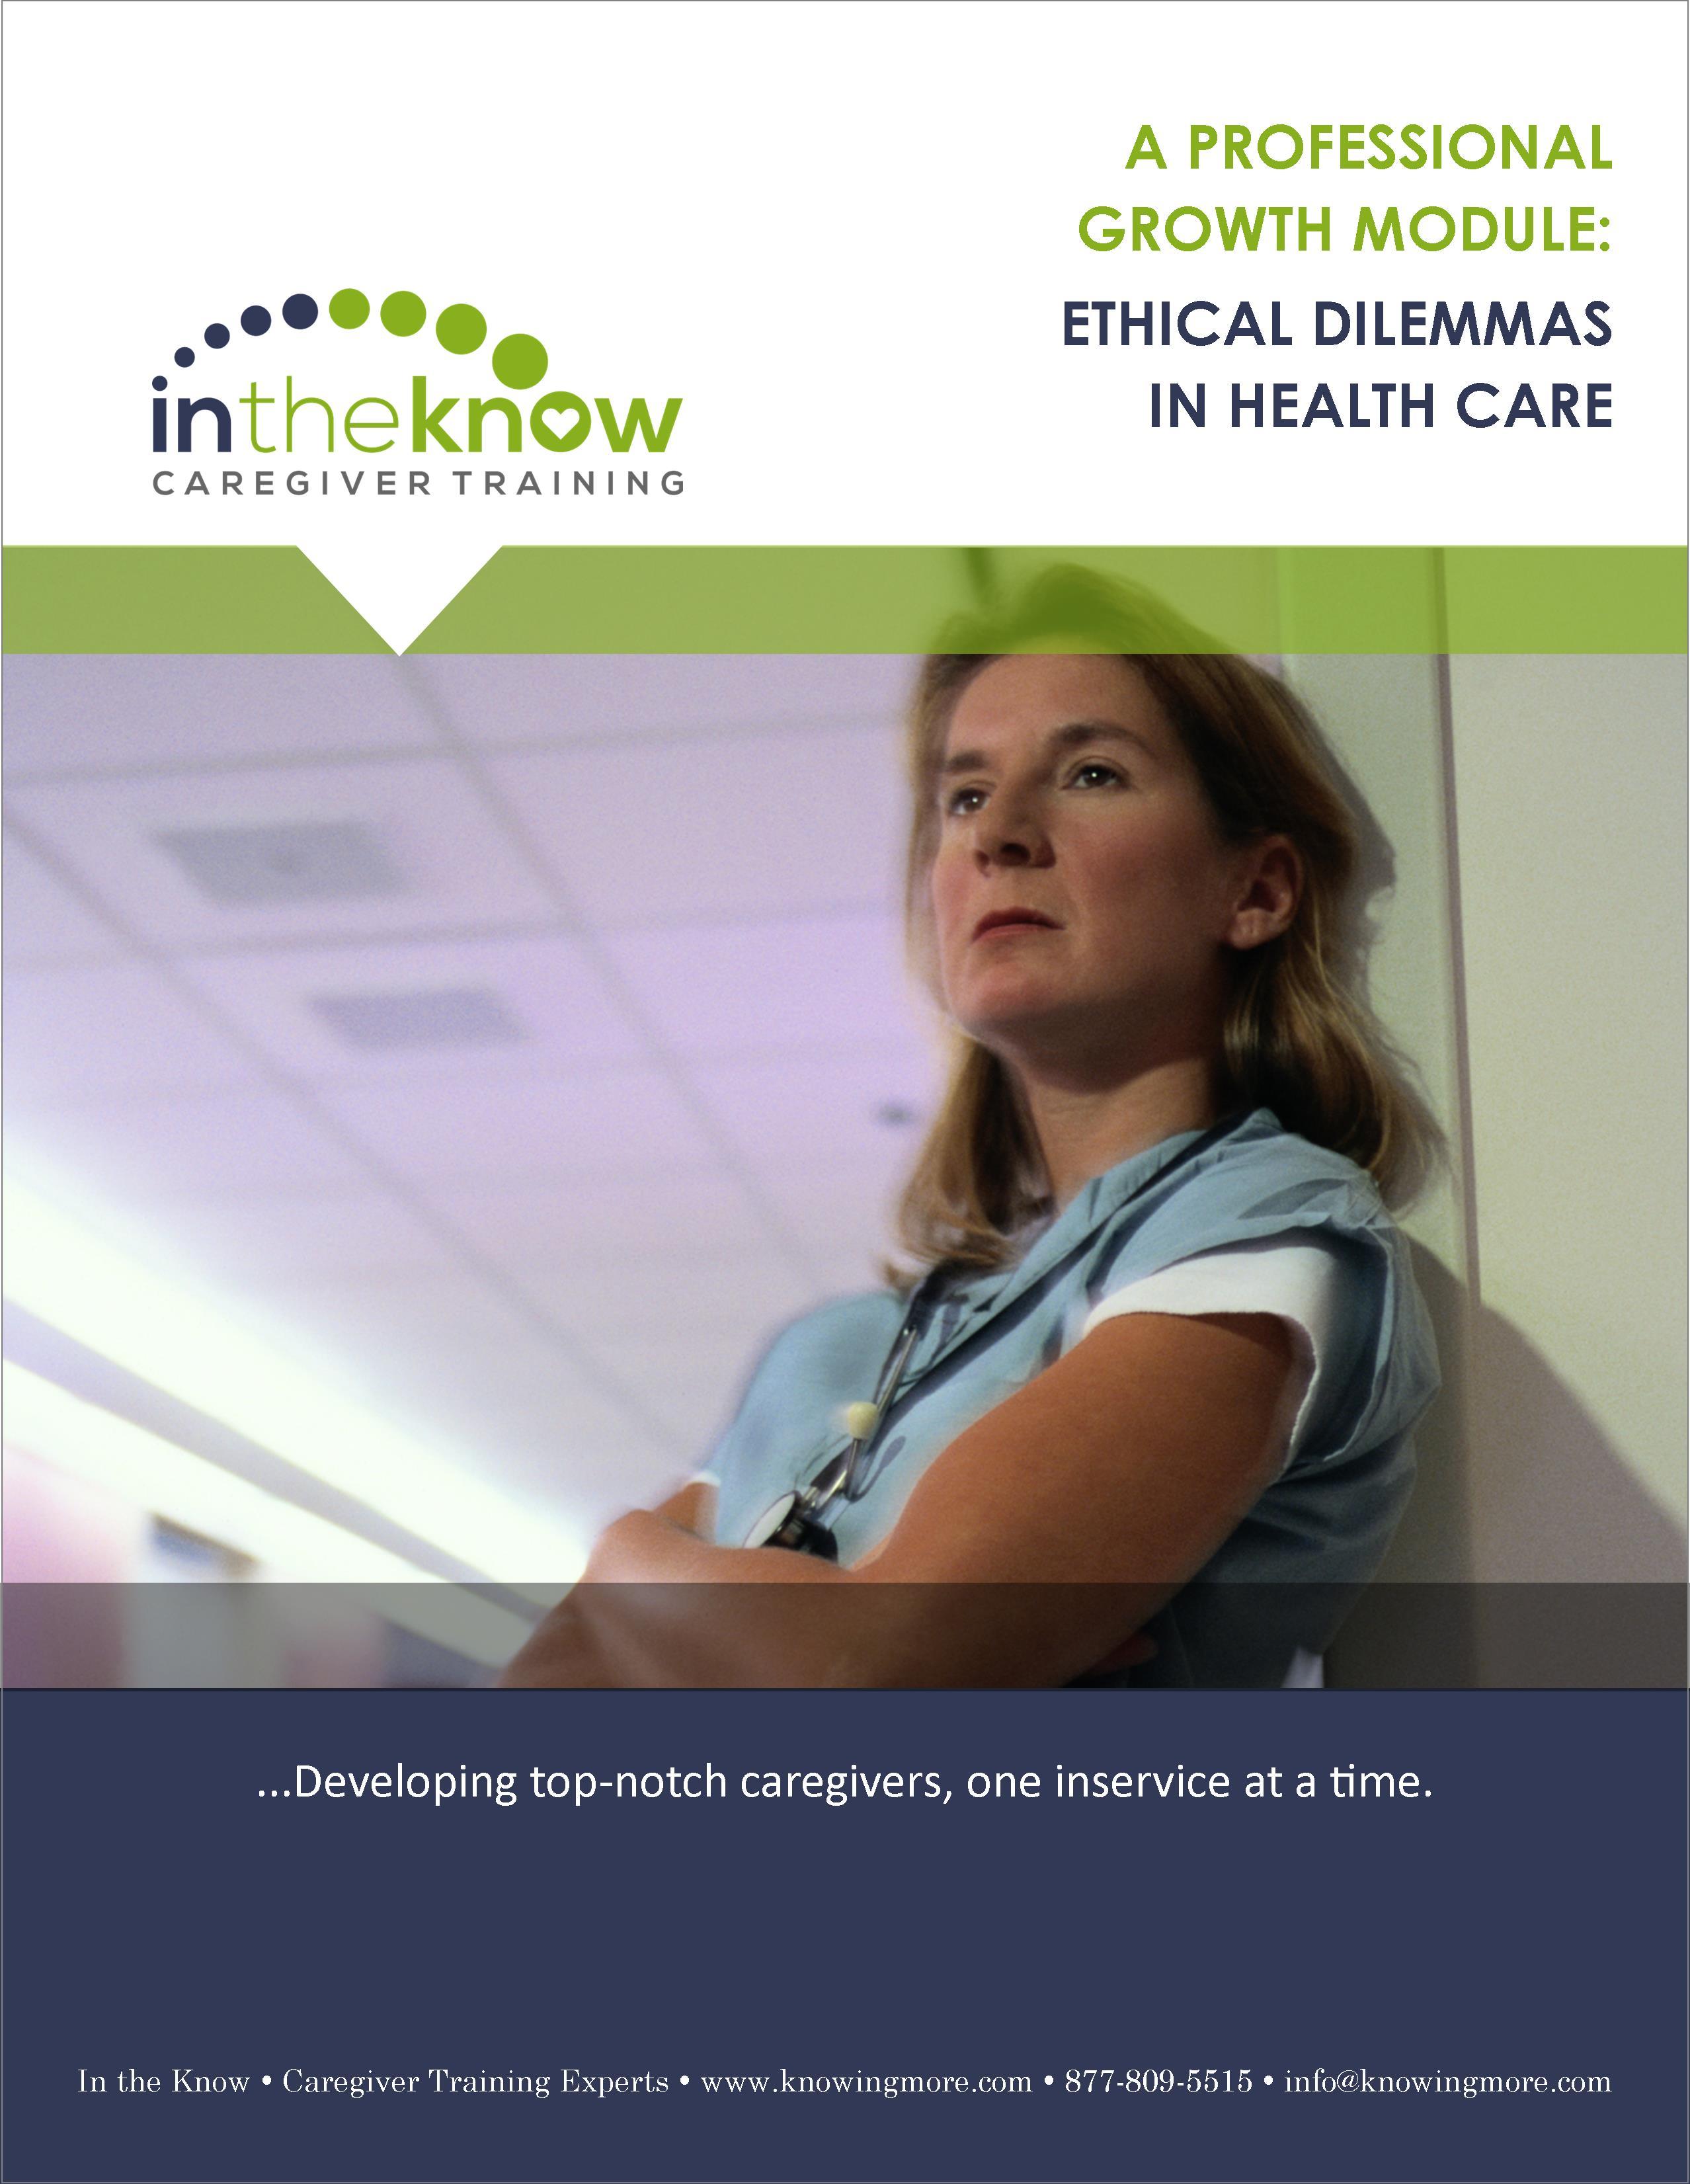 Ethical20Dilemmas-1.jpg